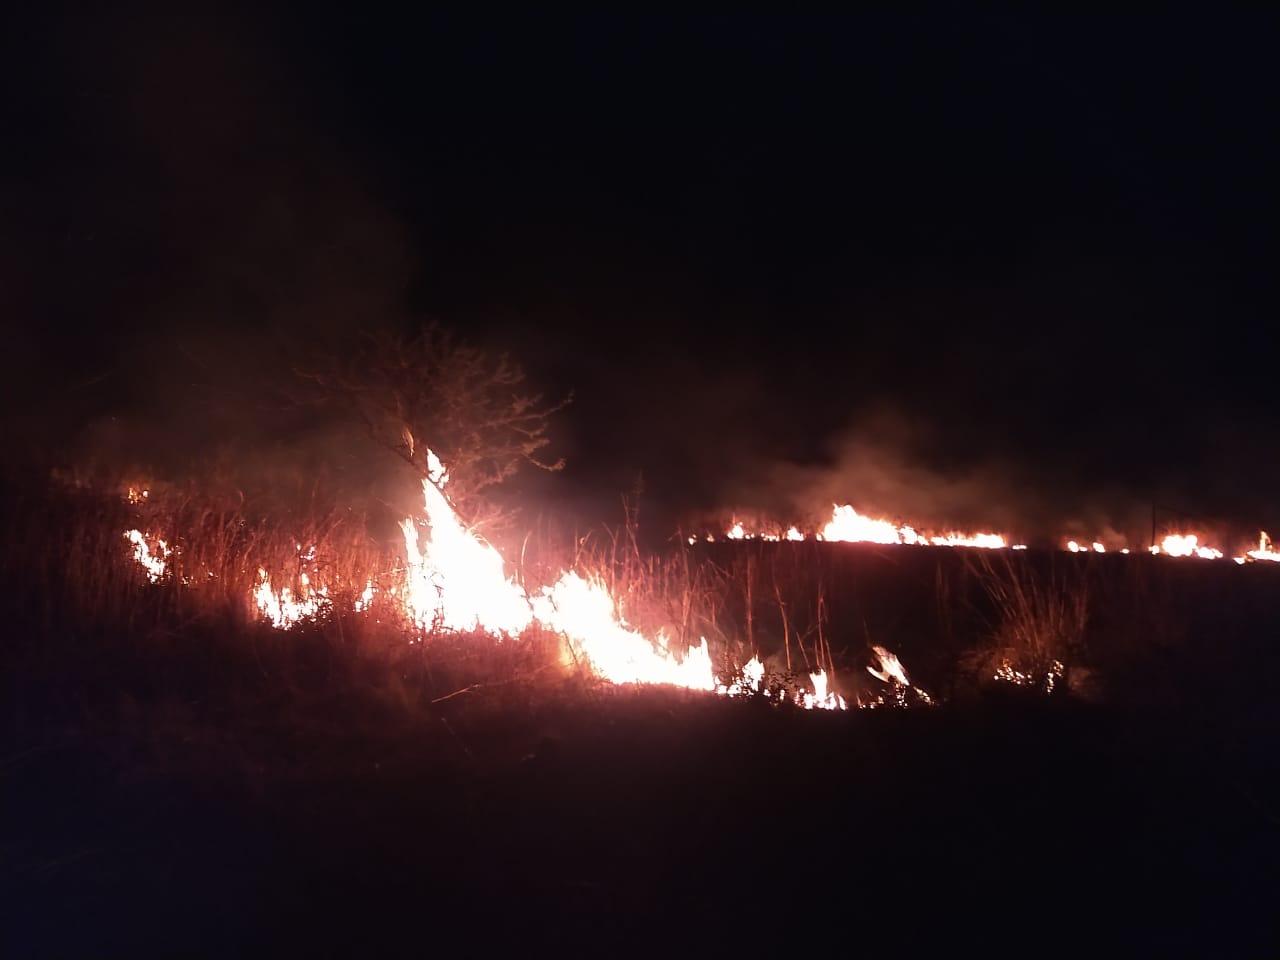 incendio 1° de mayo - Se quemaron pastizales en barrio 1° de Mayo